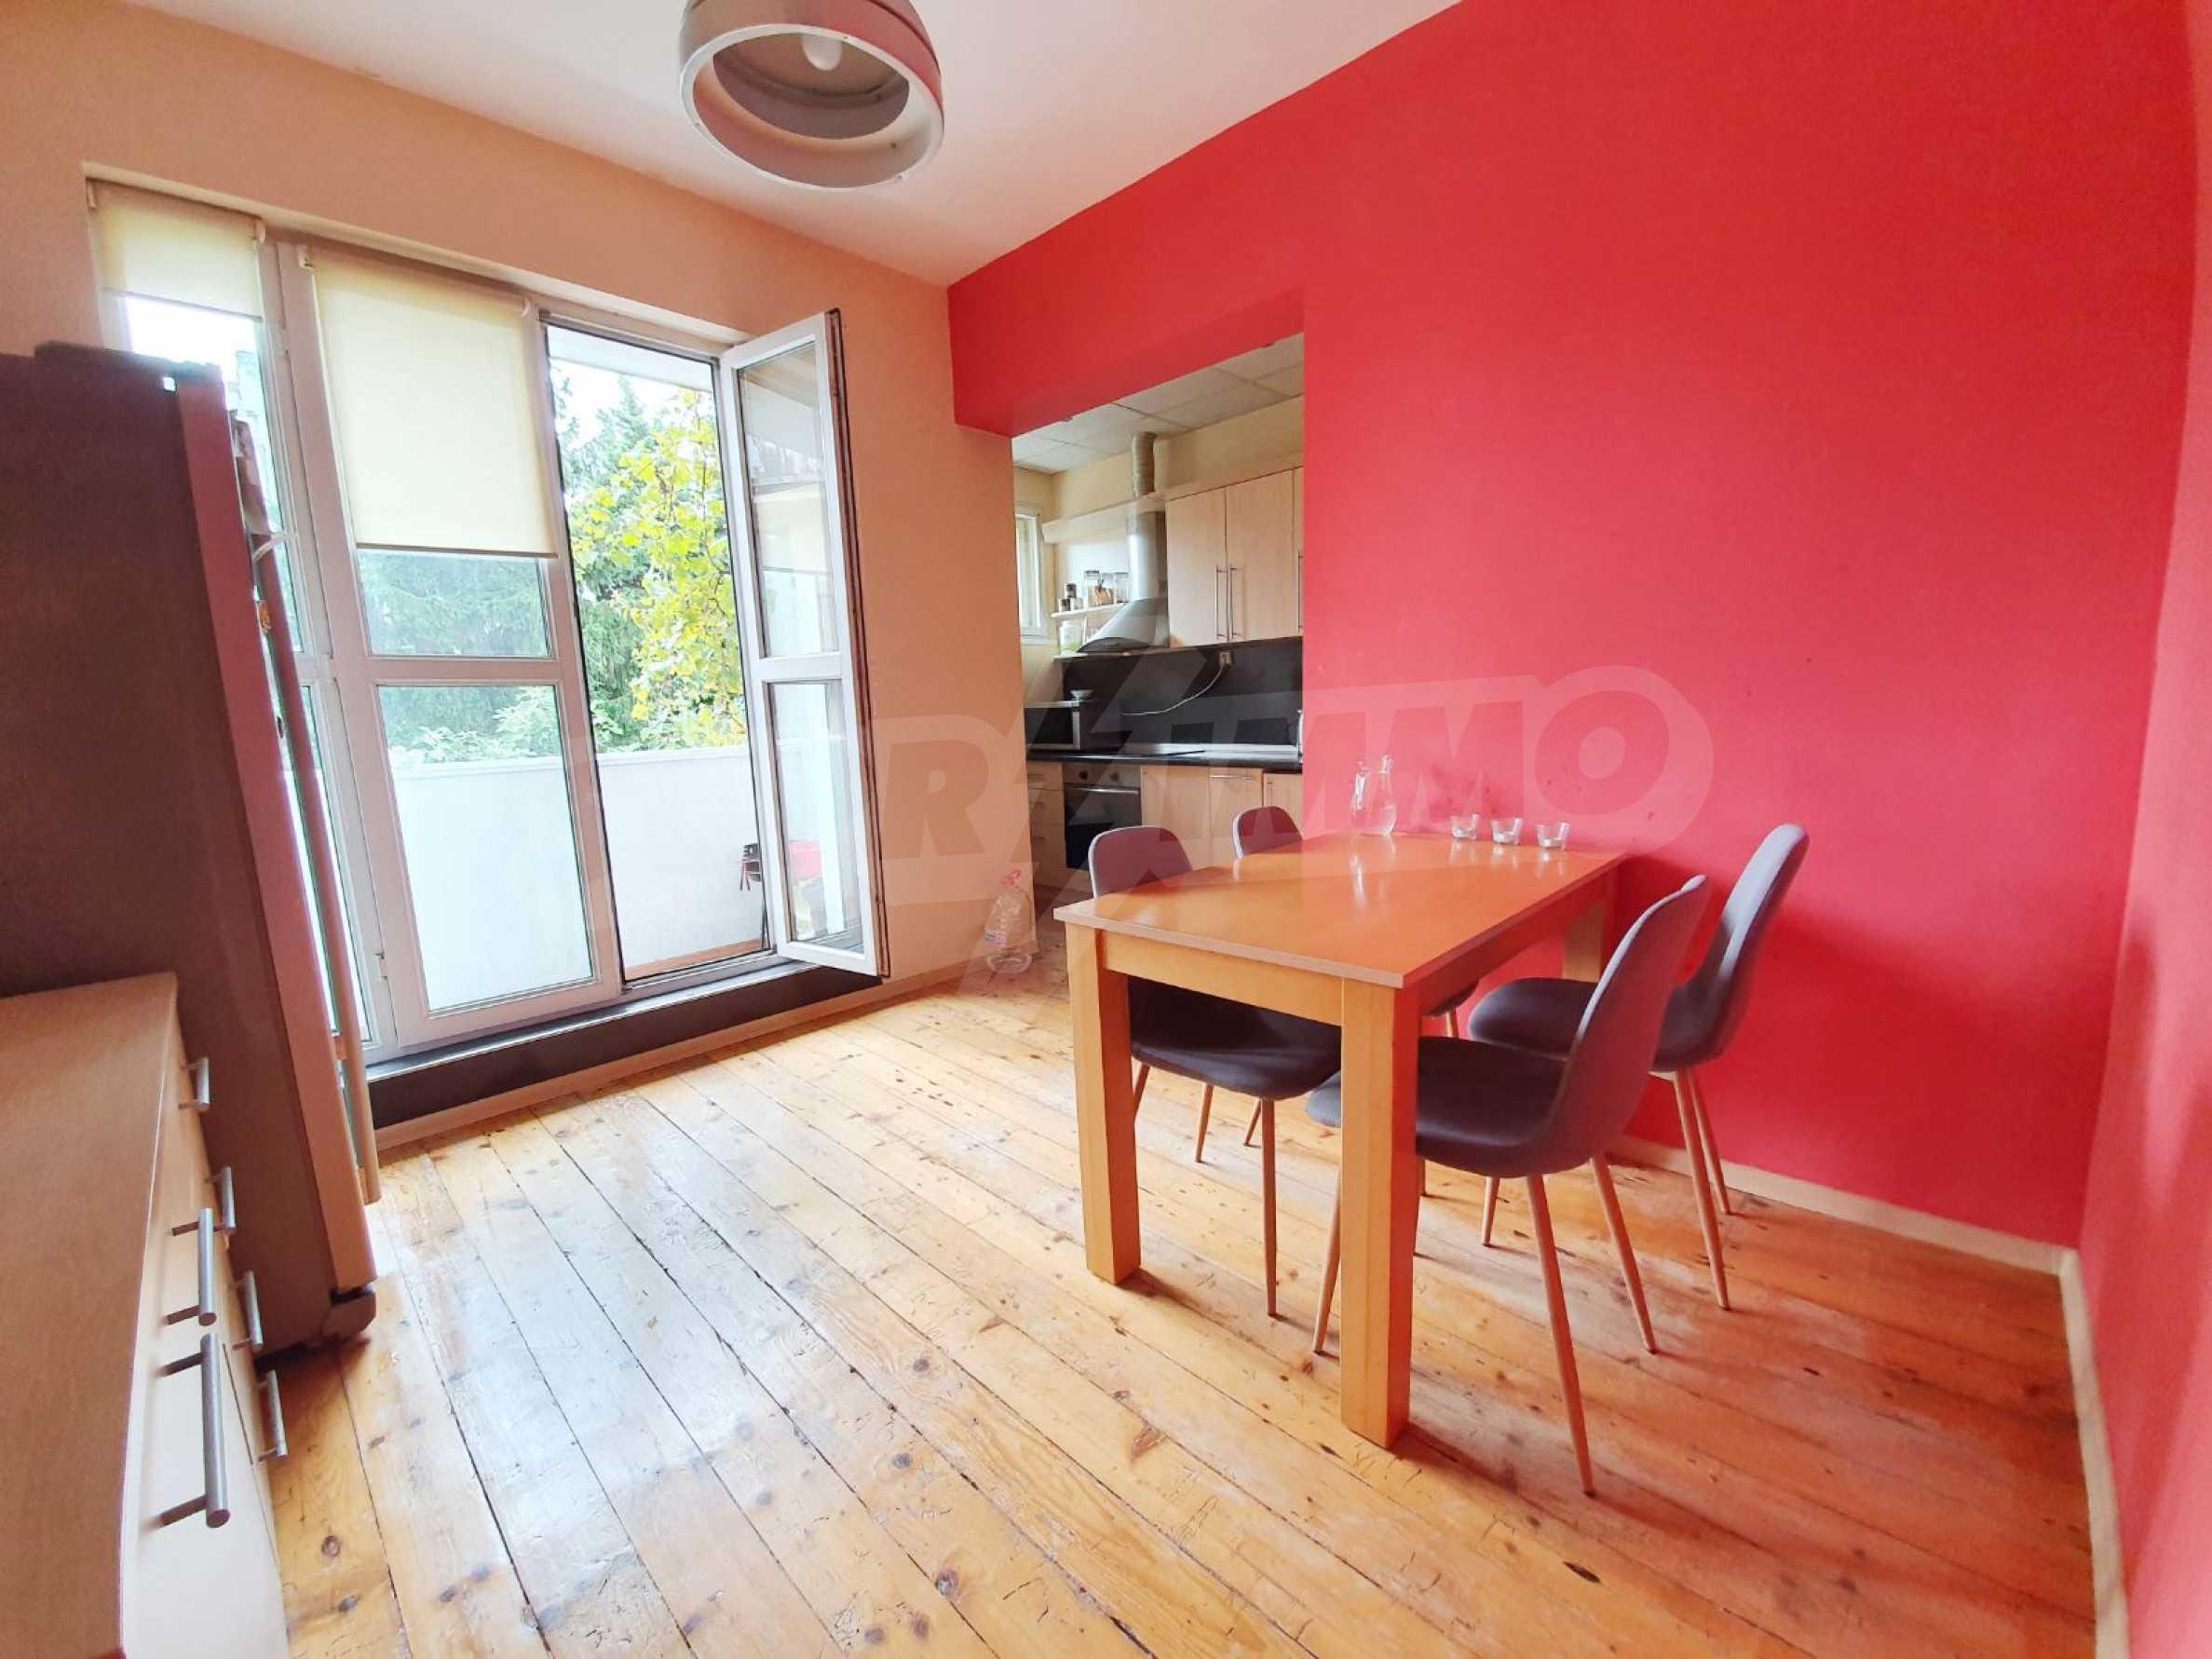 Тристаен апартамент Капитан - под наем в центъра на Варна 7